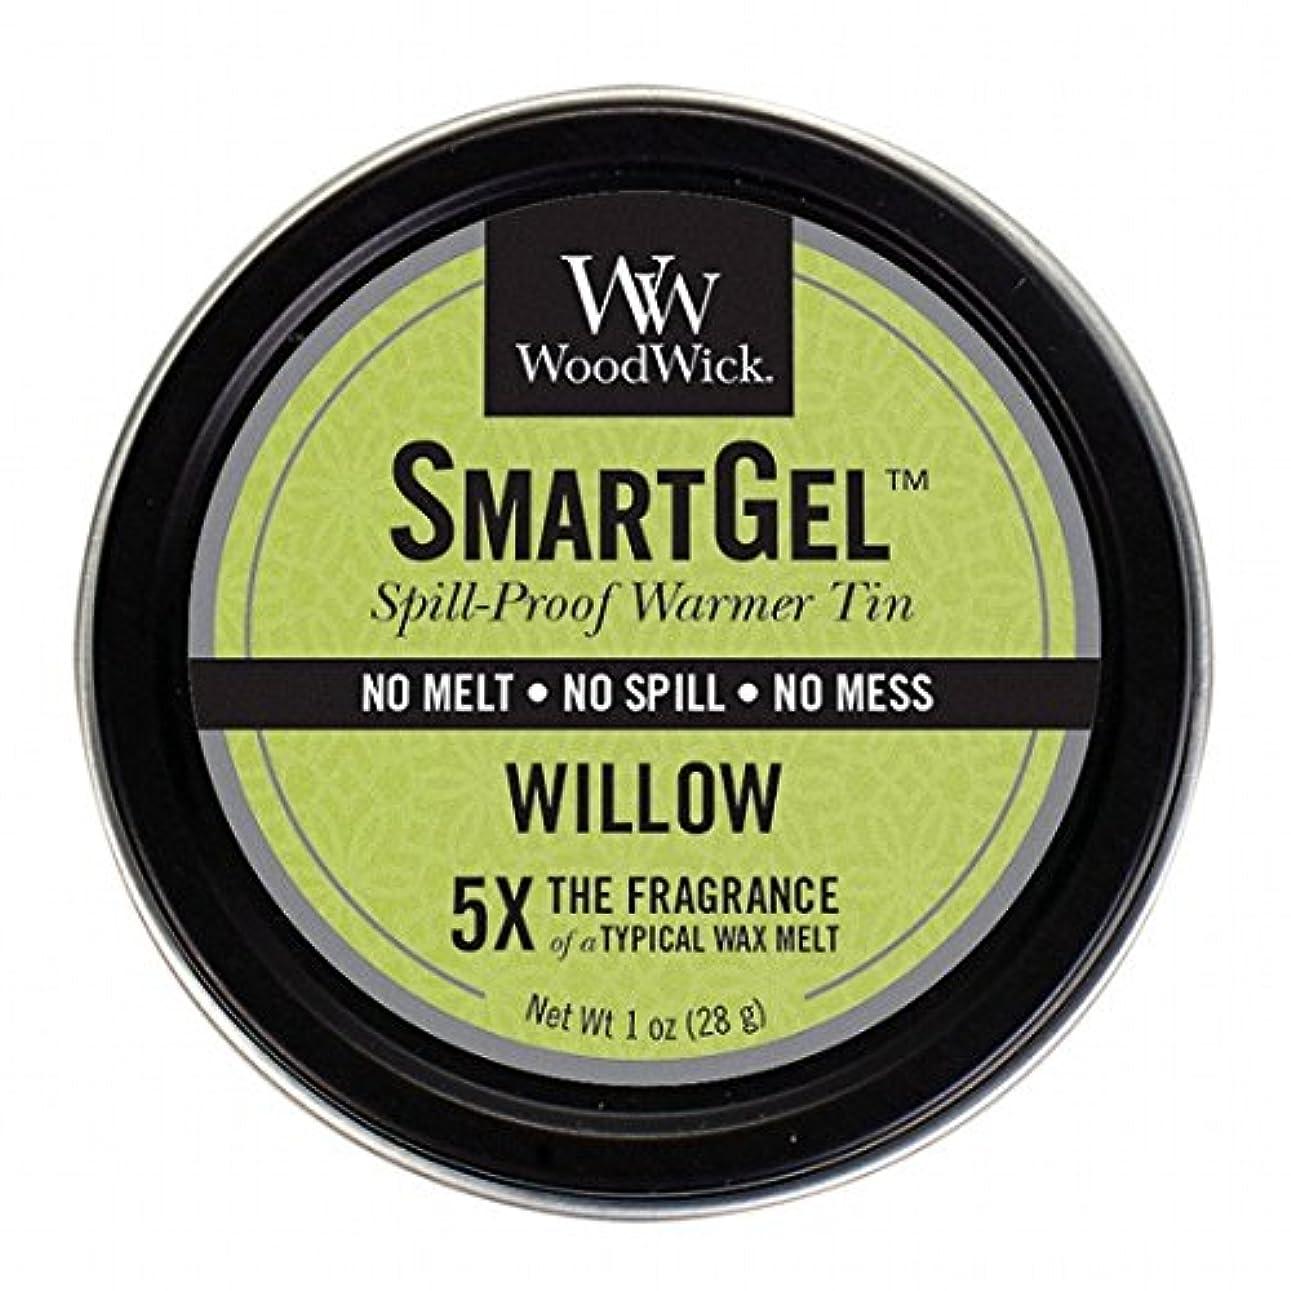 記憶に残るひねりエスニックWoodWick(ウッドウィック) Wood Wickスマートジェル 「 ウィロー 」W9630525(W9630525)